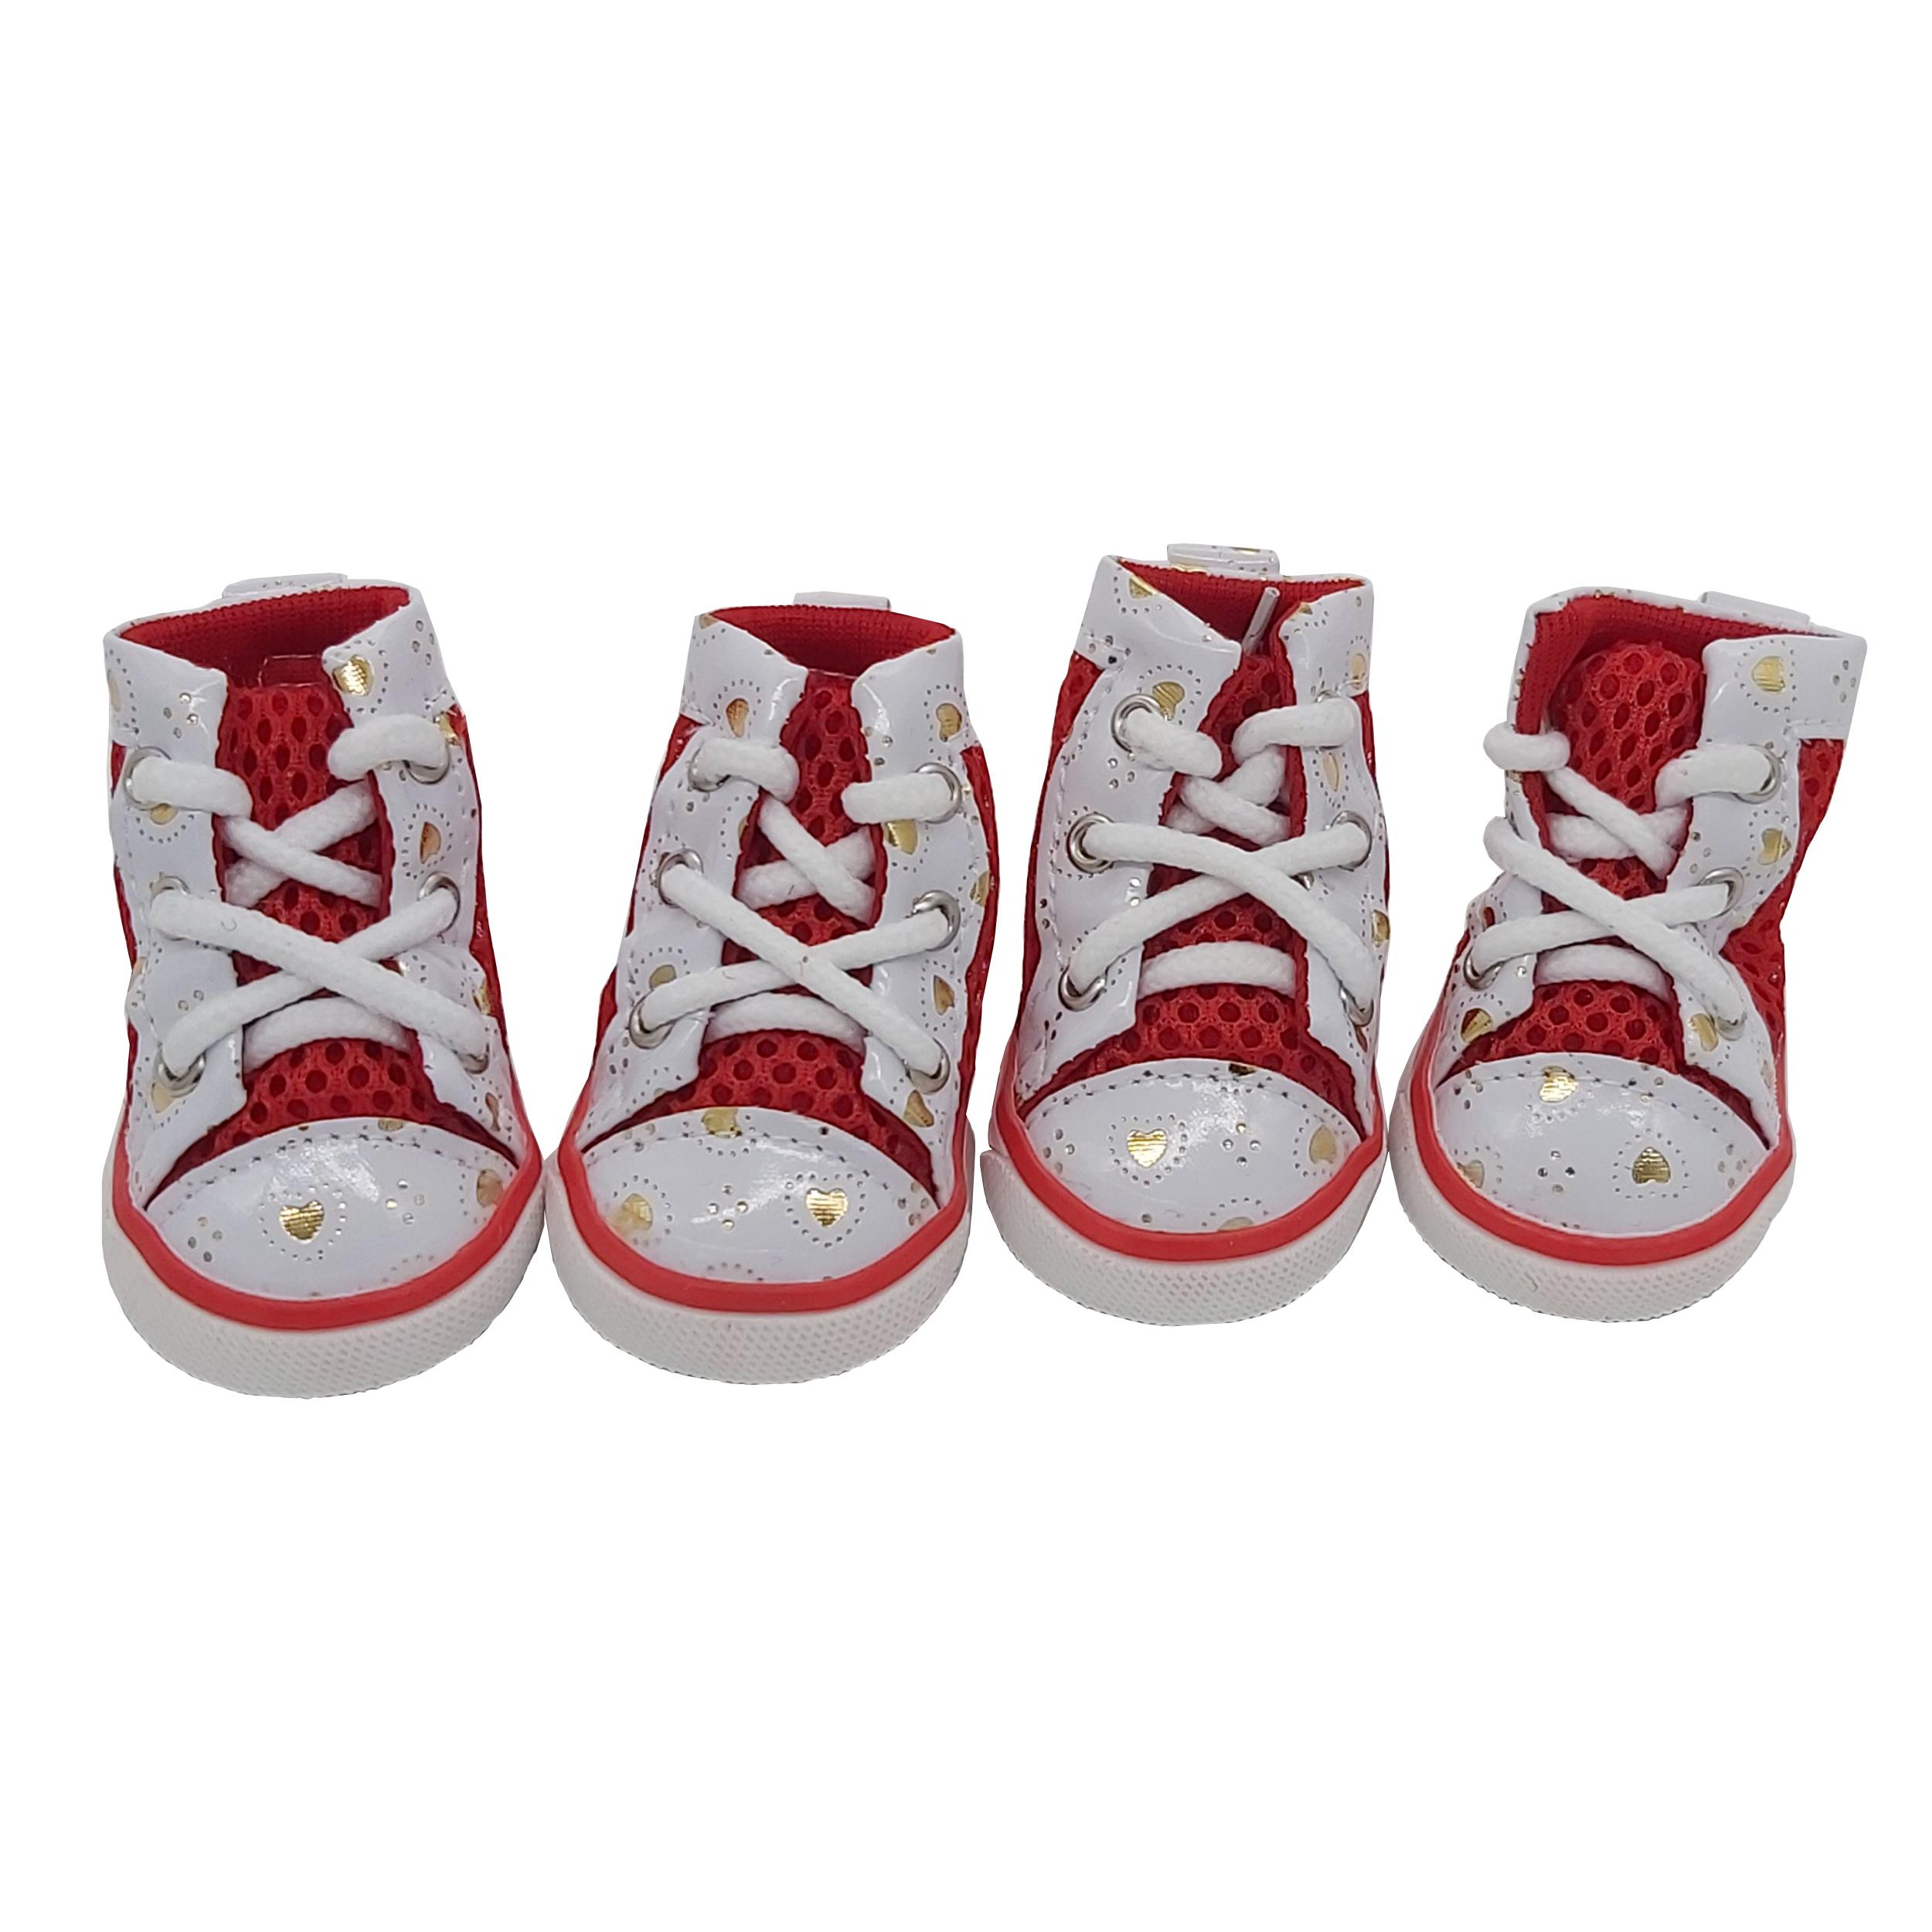 کفش سگ مدل SR1 سایز 3 بسته ۴ عددی